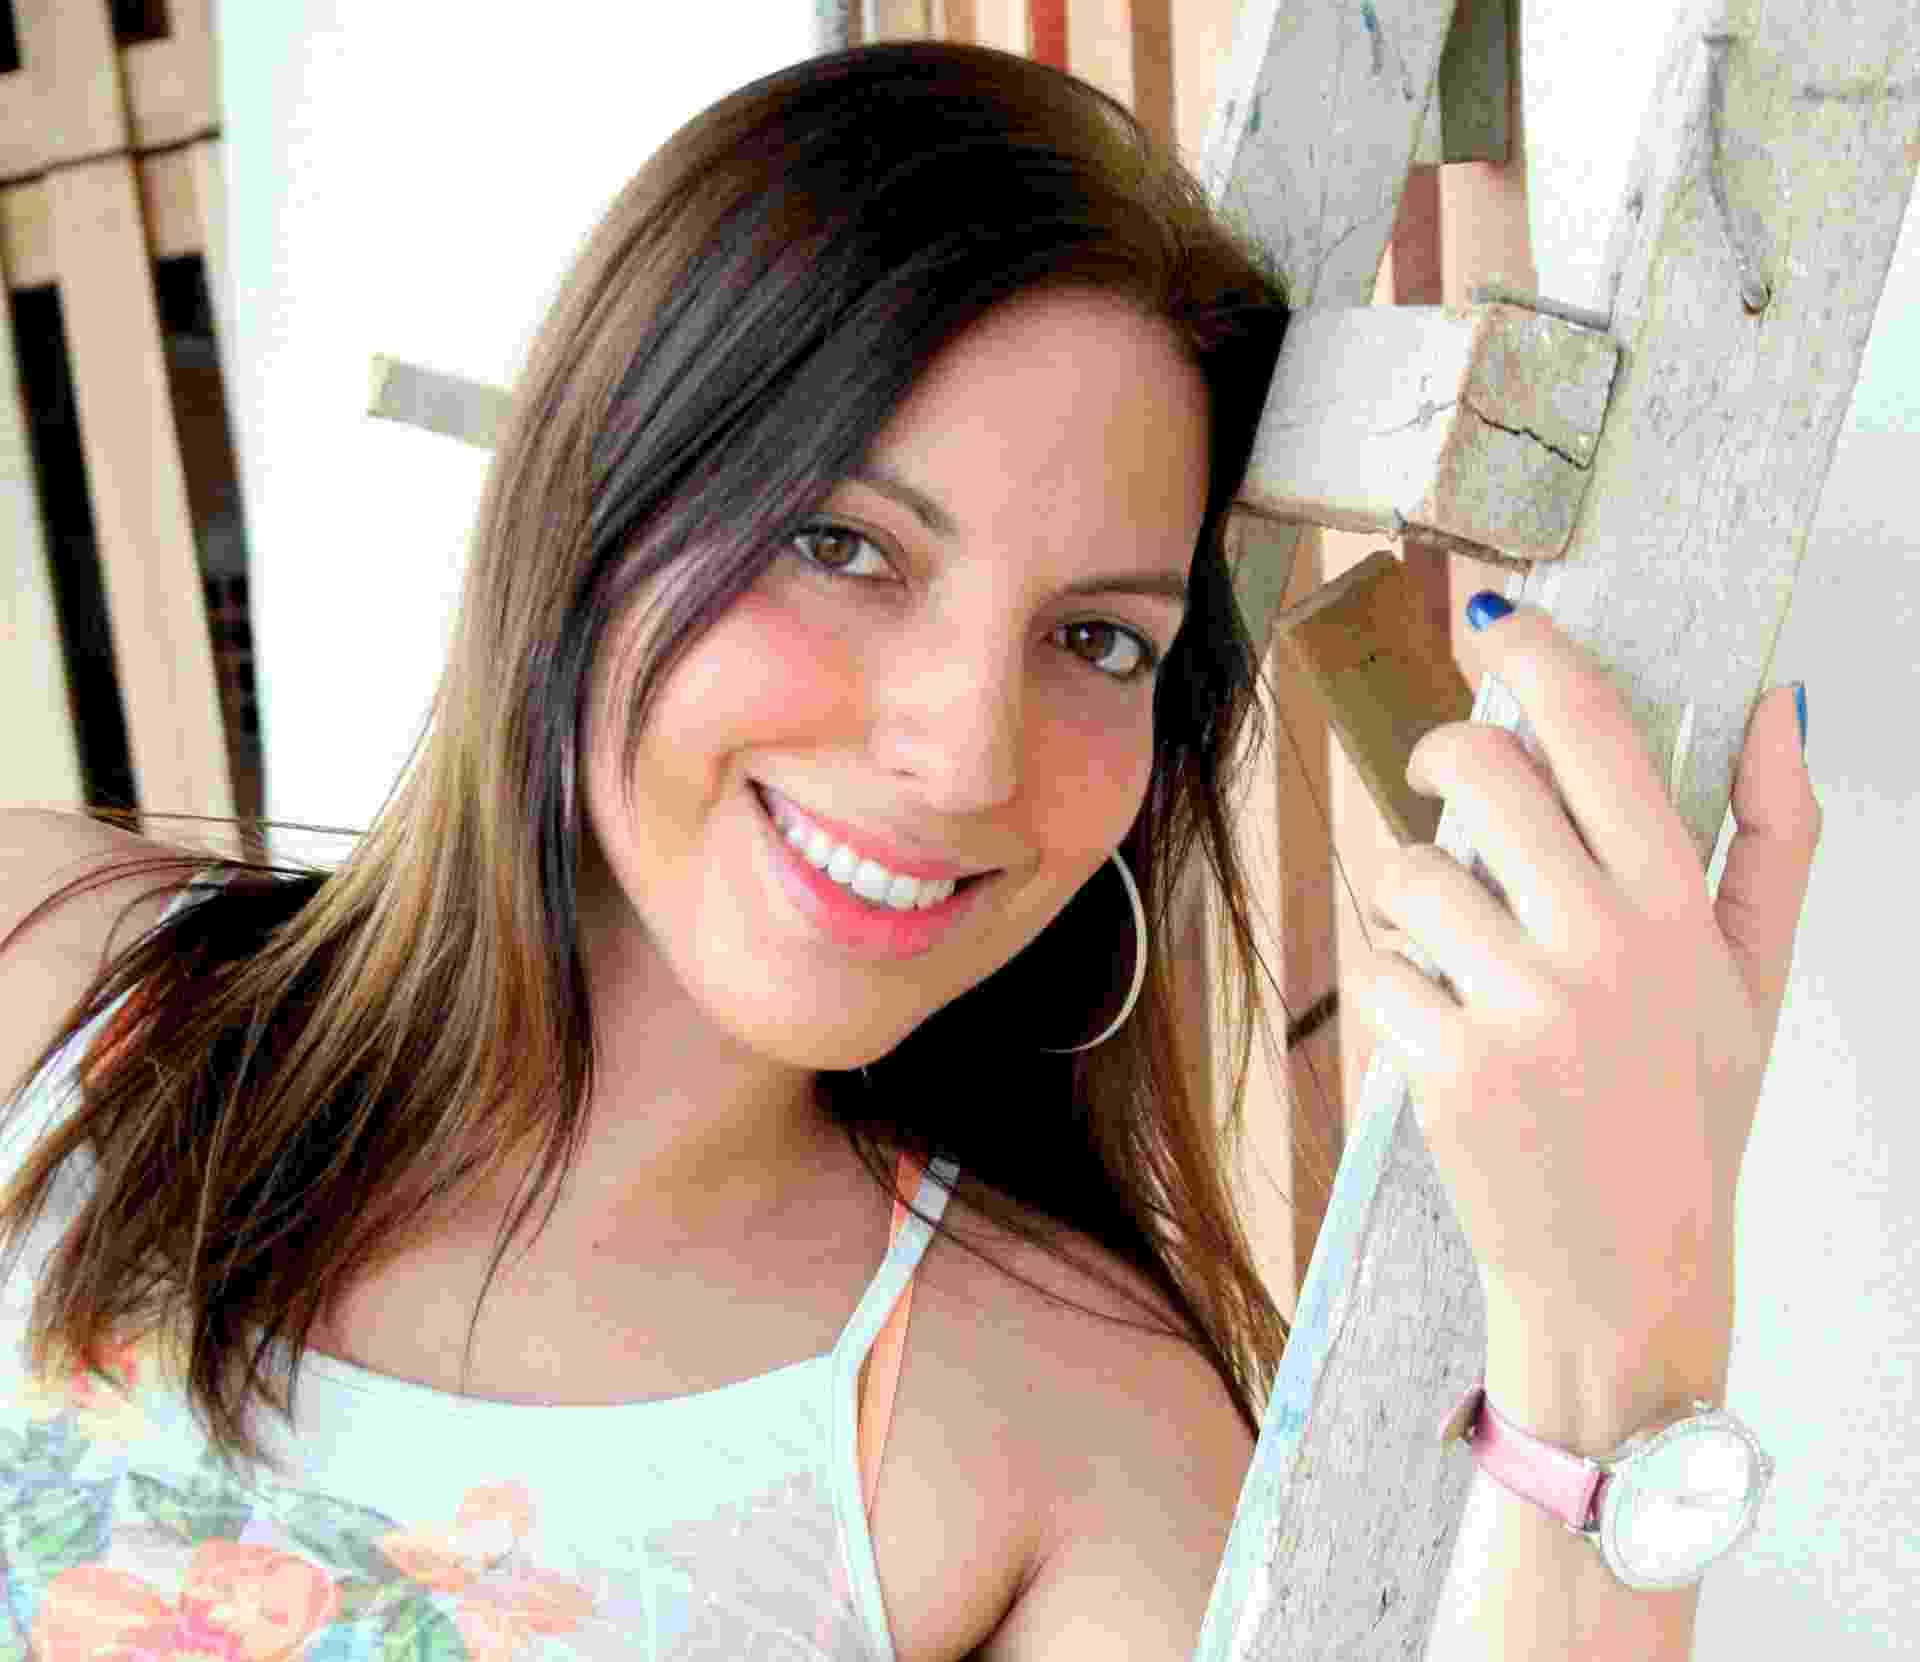 """Mara Gomes, 23 anos, de Porto Alegre (RS), estudante de psicologia e uma das colunistas do blog """"Blogueiras Negras"""" - Arquivo pessoal"""